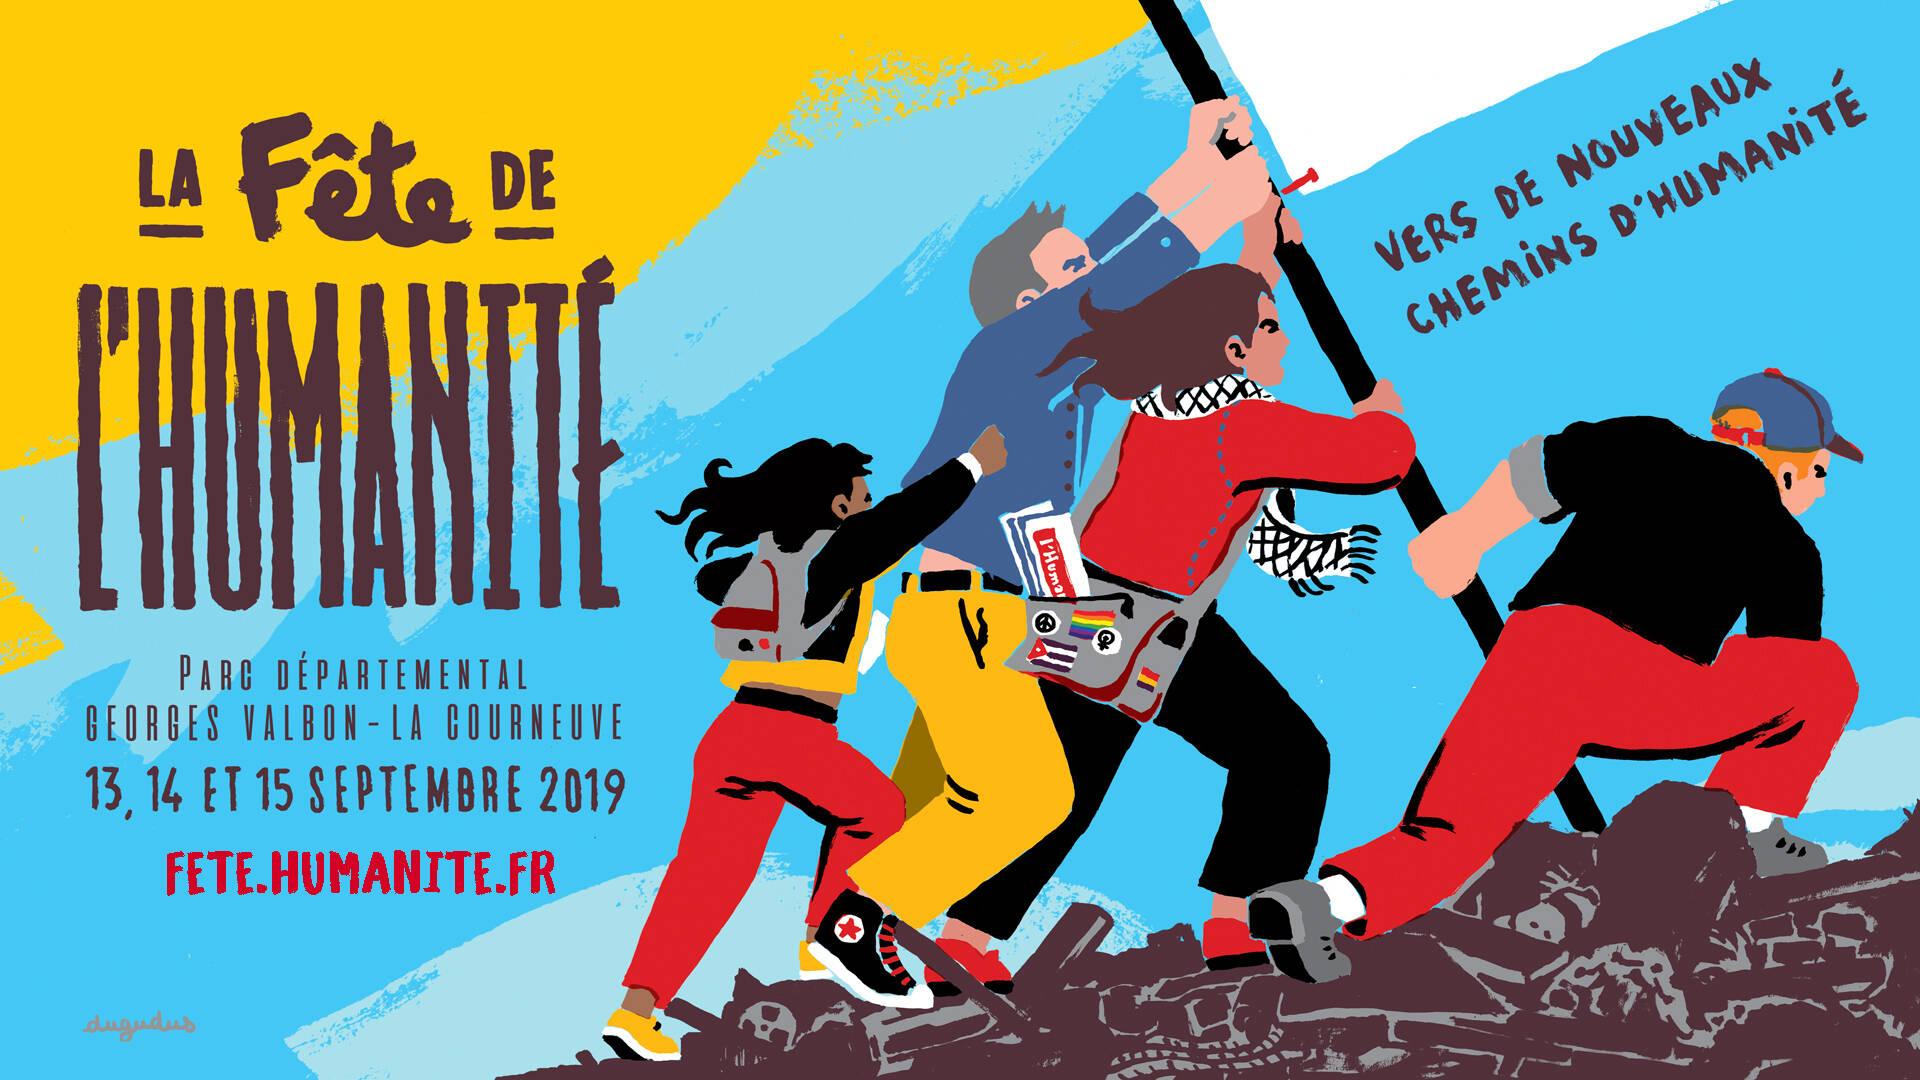 fête de l'humanité 2019 - tourisme plaine commune grand paris